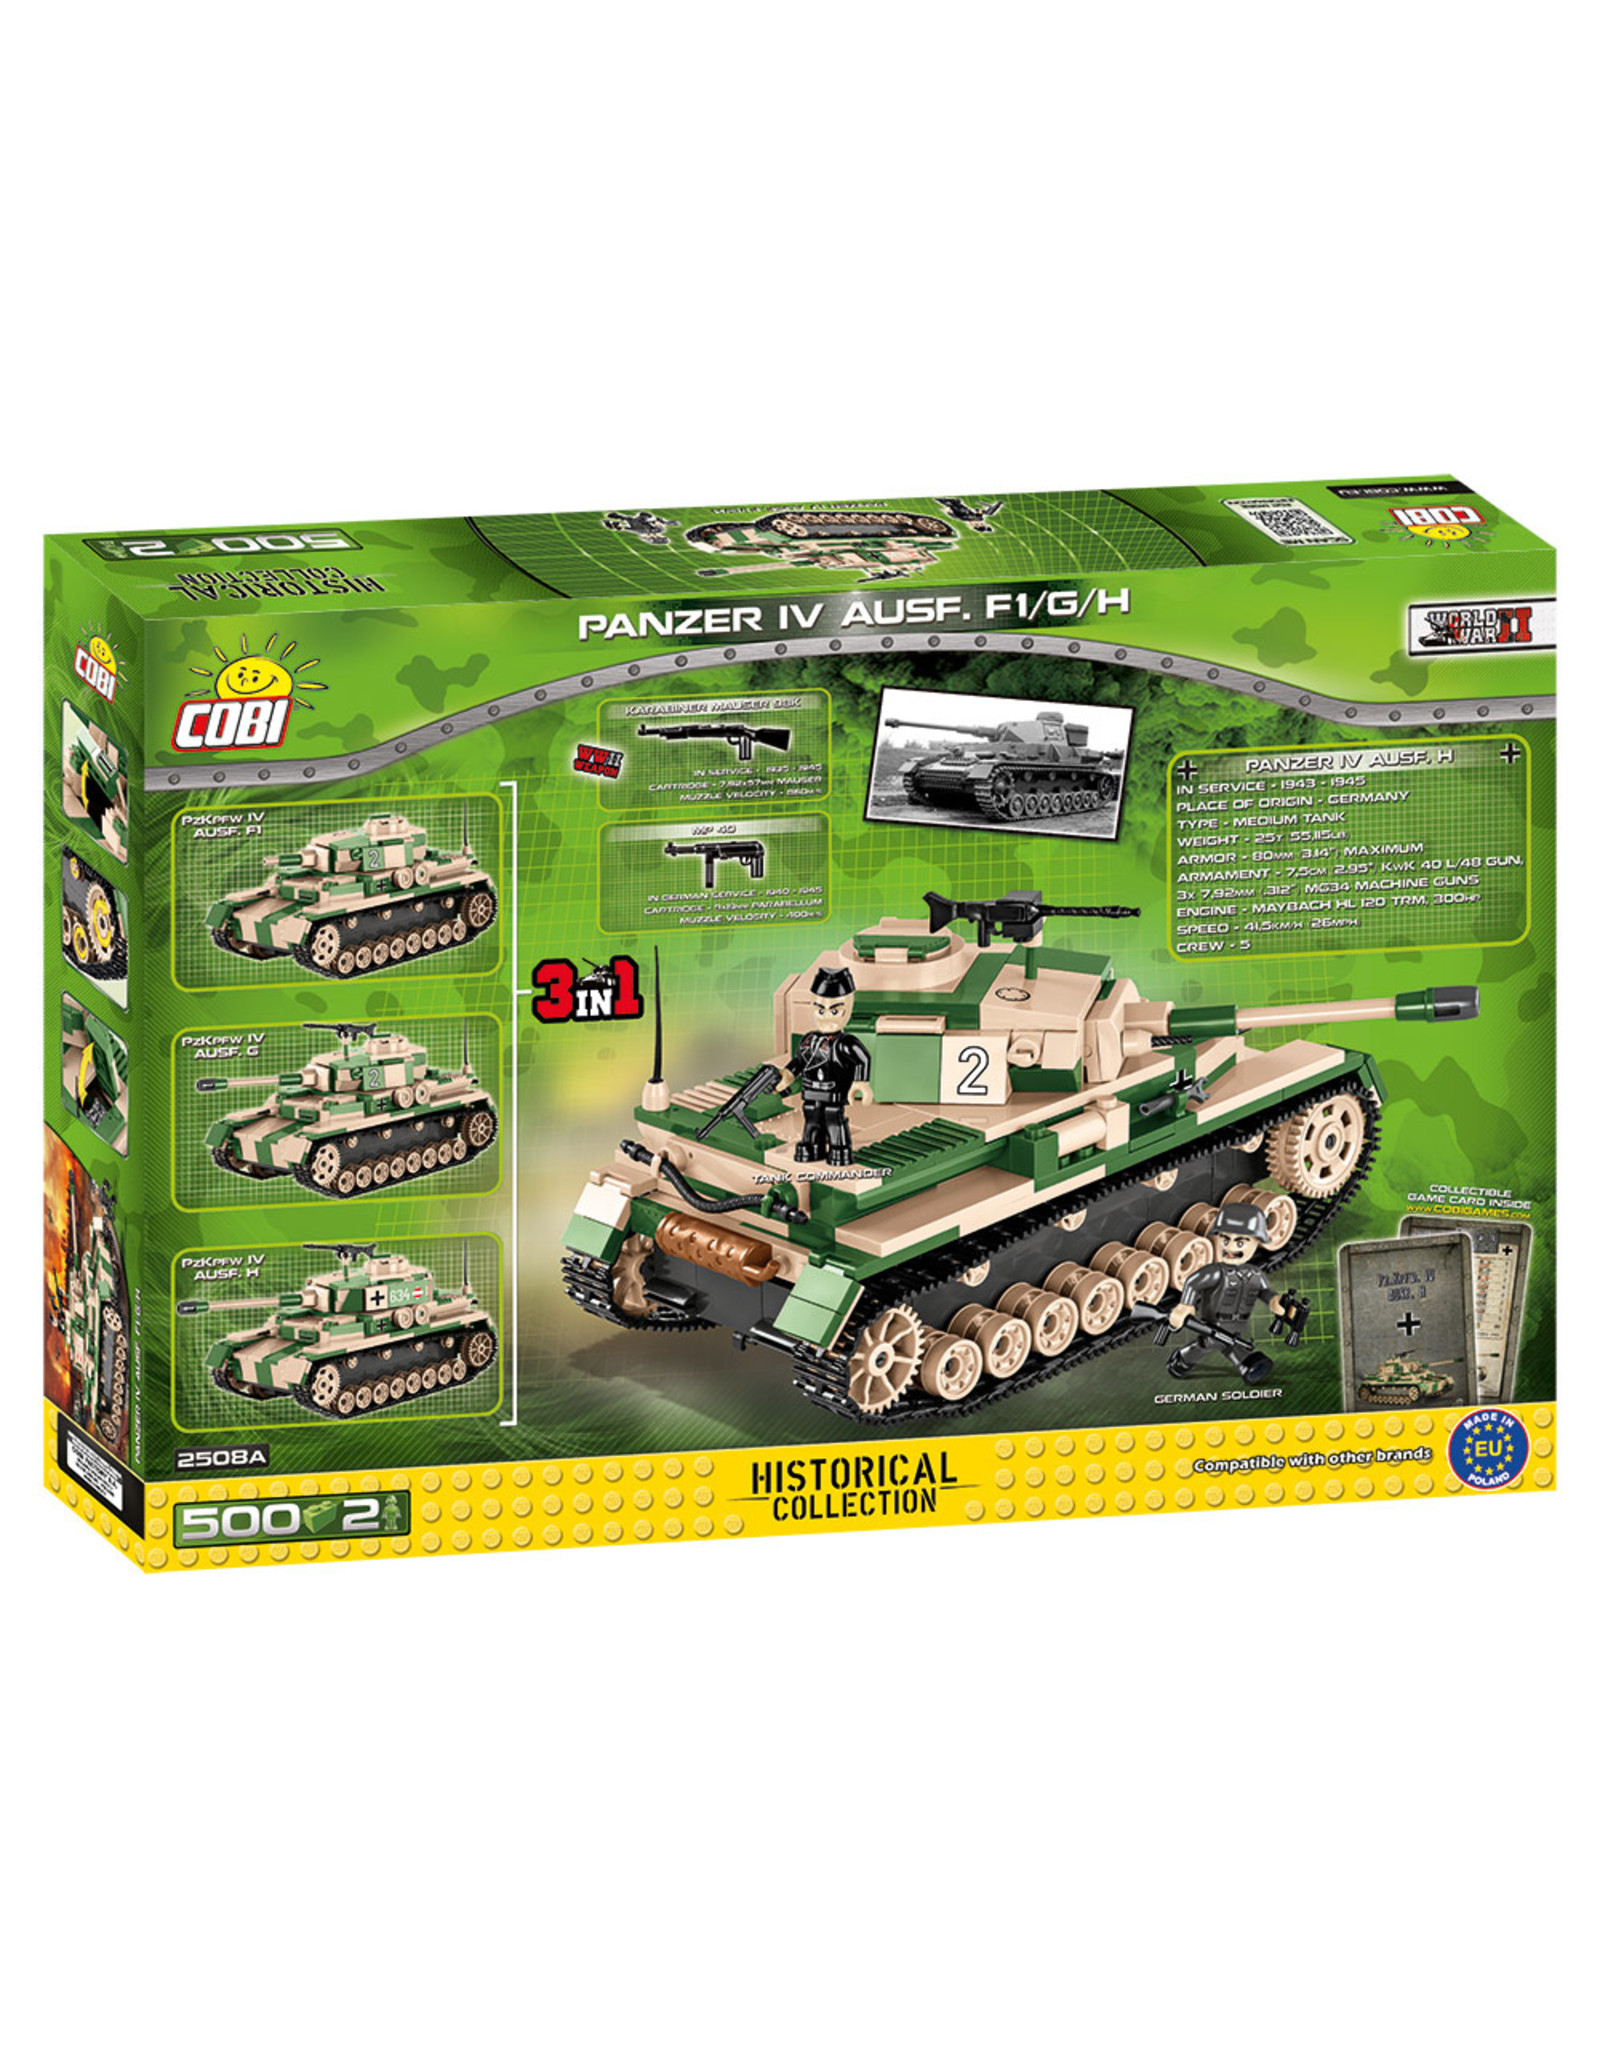 COBI Cobi ww2 2508A Panzer IV Ausf.F1/G/H